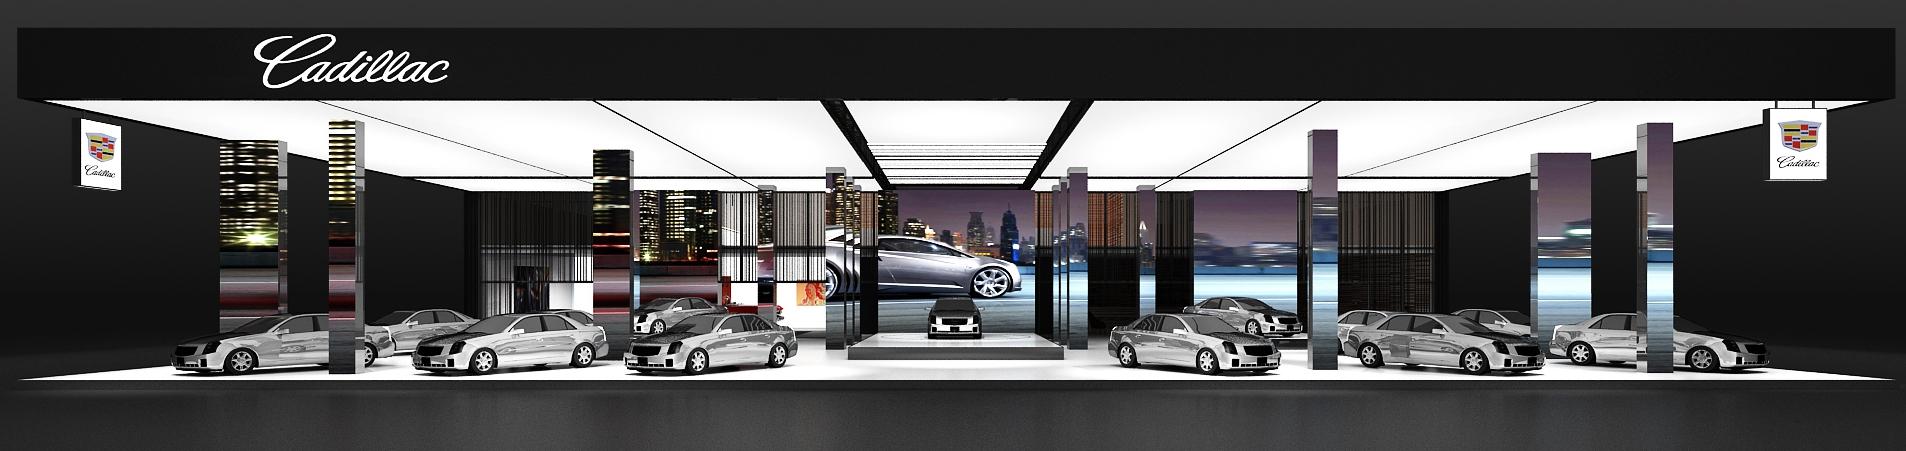 汽车展台设计图1